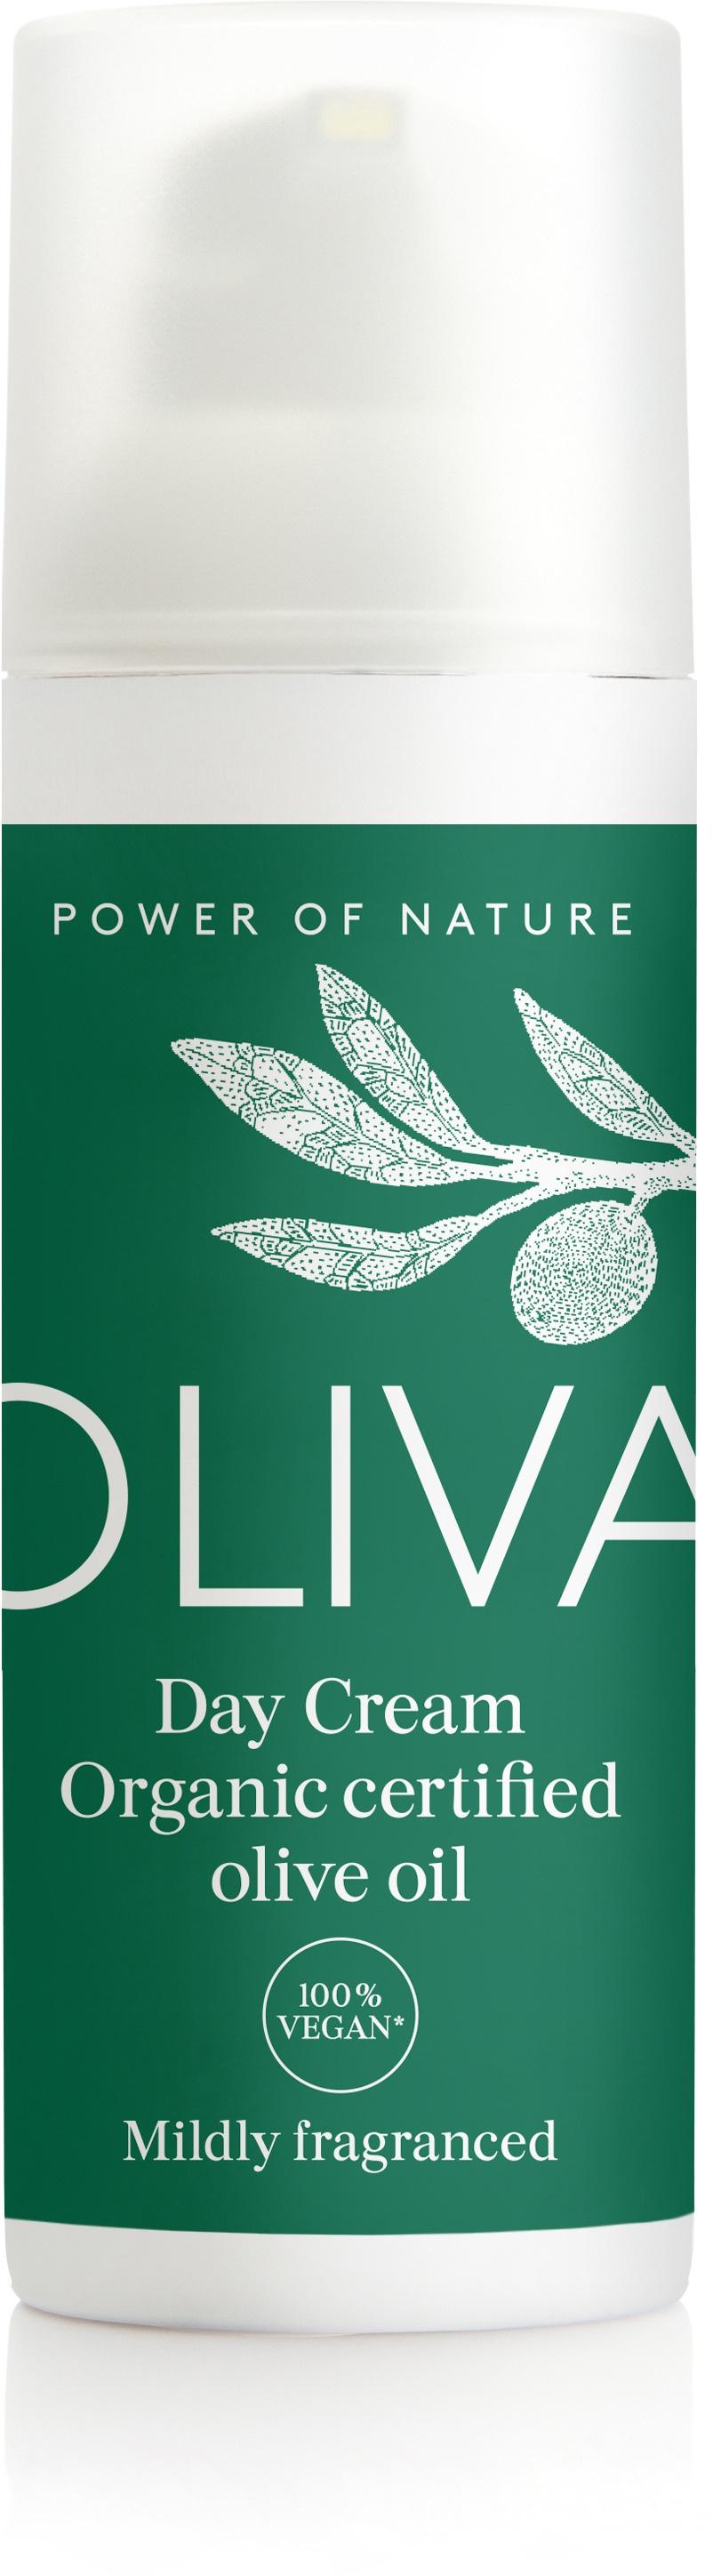 Oliva Day Cream